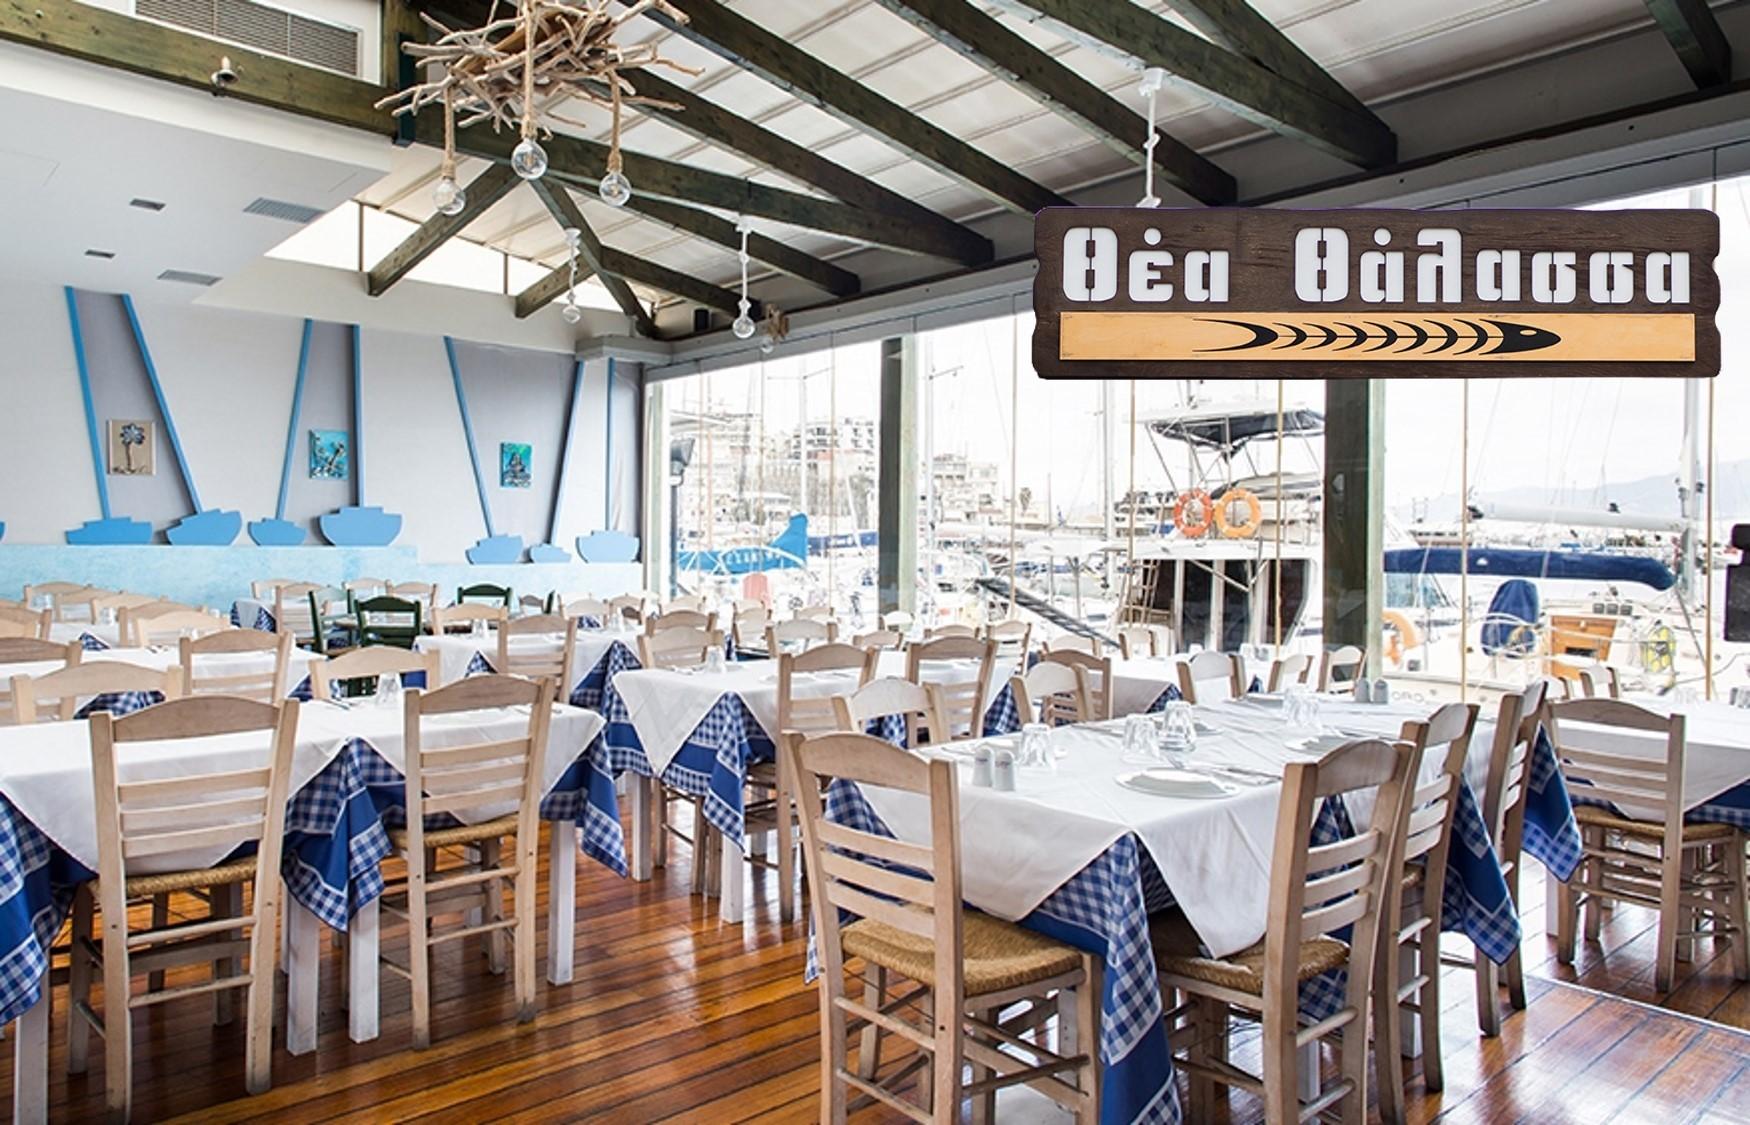 19,9€ από 55€ για πλήρες menu 2 ατόμων στο ''Θέα Θάλασσα'', την πασίγνωστη ψαροταβέρνα του Μικρολίμανου, σε ένα σκηνικό που θυμίζει νησί με μοναδική θέα προς το λιμανάκι και τα ιστιοπλοϊκά